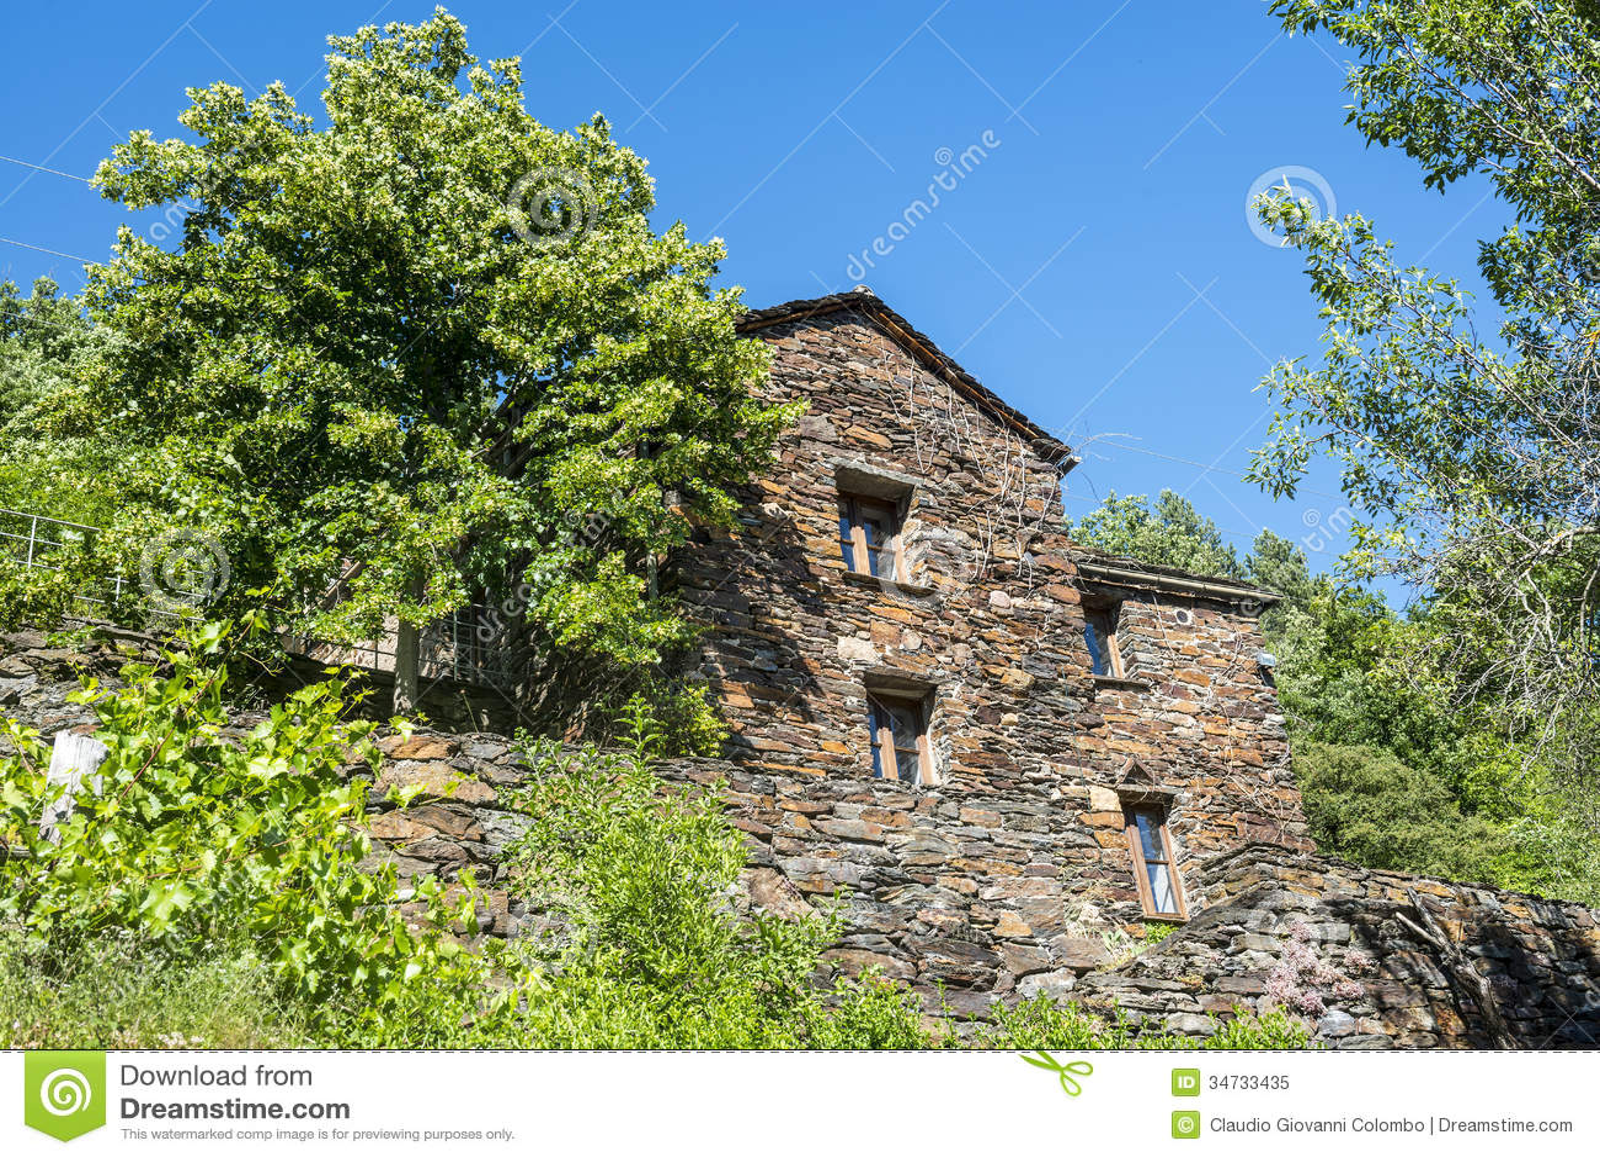 Cevennes vieille maison typique photo libre de droits - La maison des cevennes ...